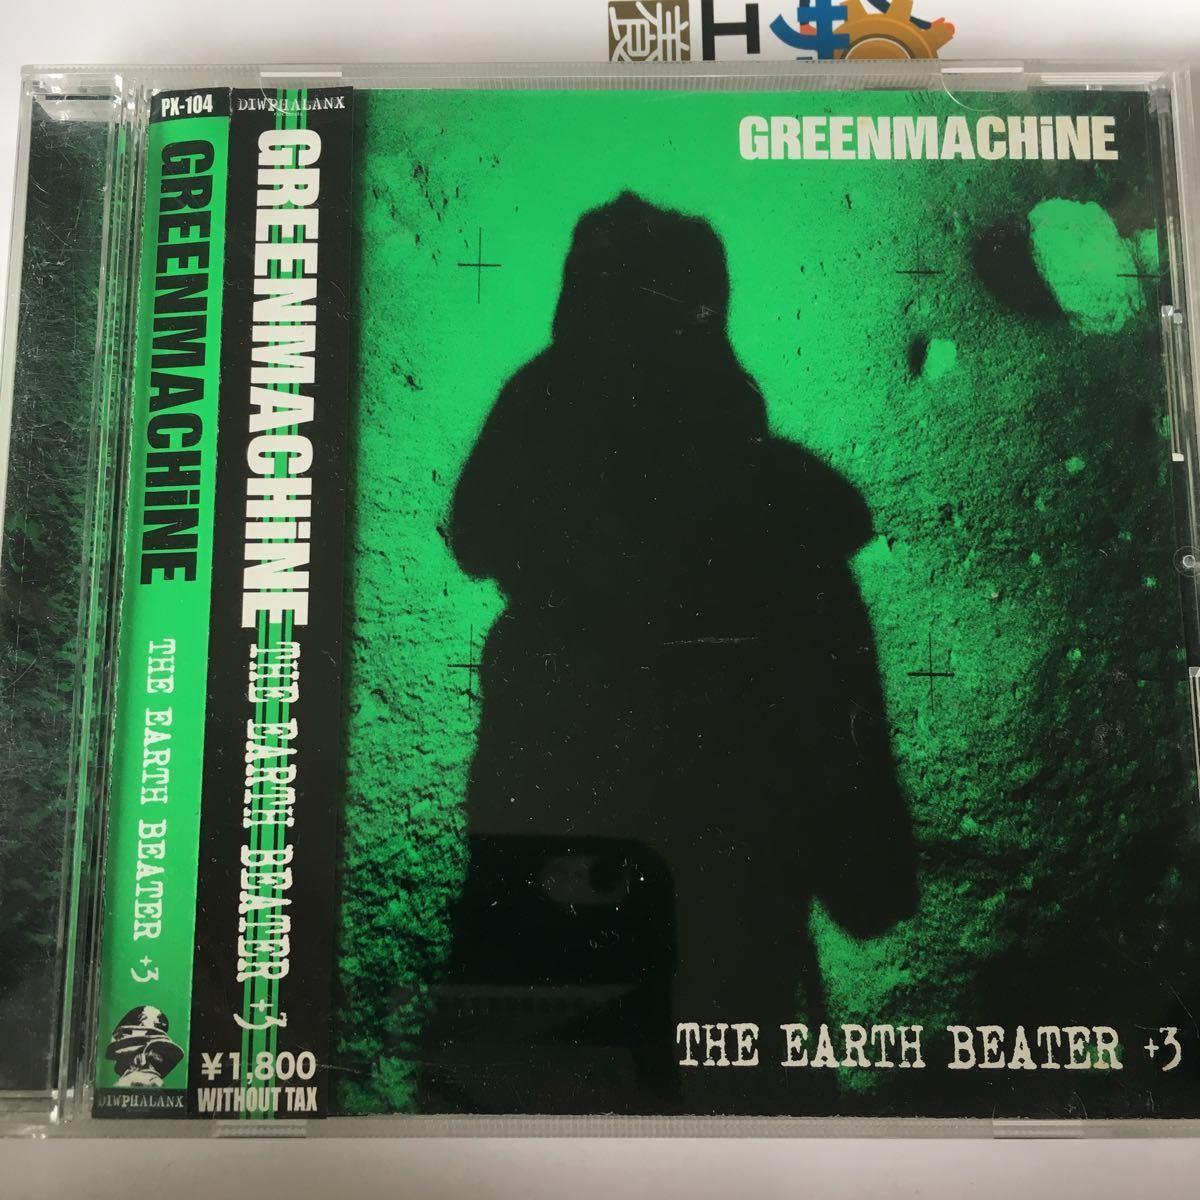 Greenmachine - The Earth Beater +3 ('03) 帯付 グラインドコア ストーナー 激レア 再発盤_画像1